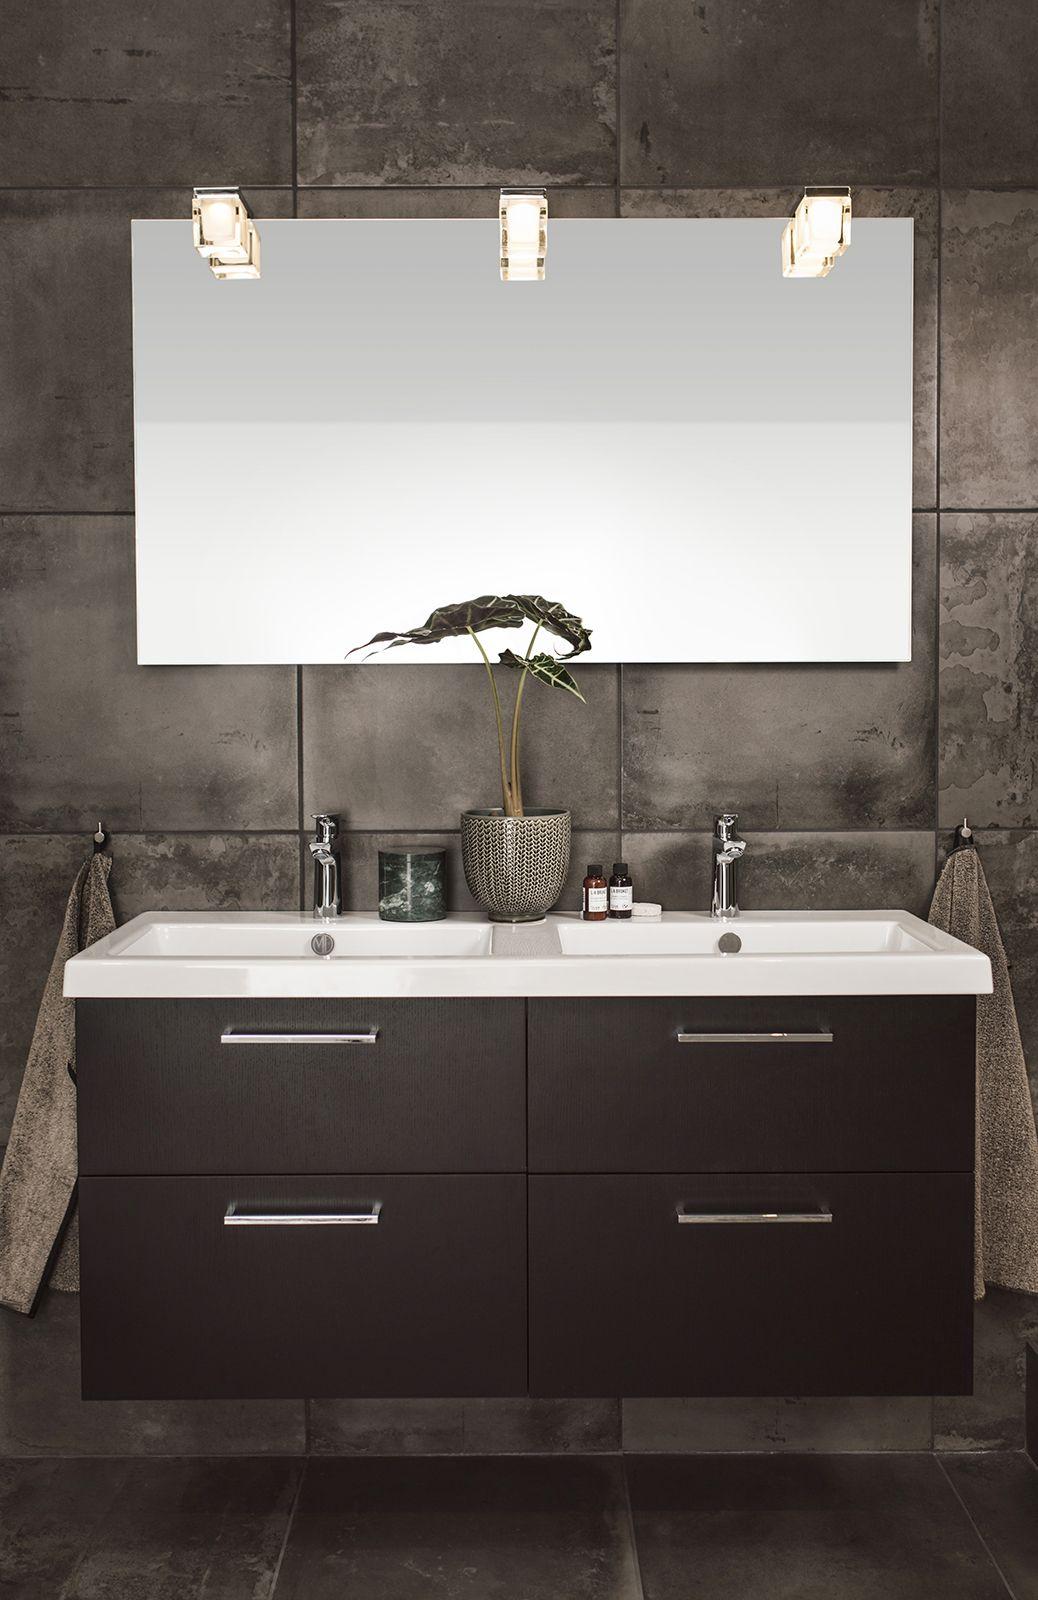 Soul kommod 1200 svart ekfanér lådfront Plain och handfat Sharp i porslin Soul spegel 1200 med